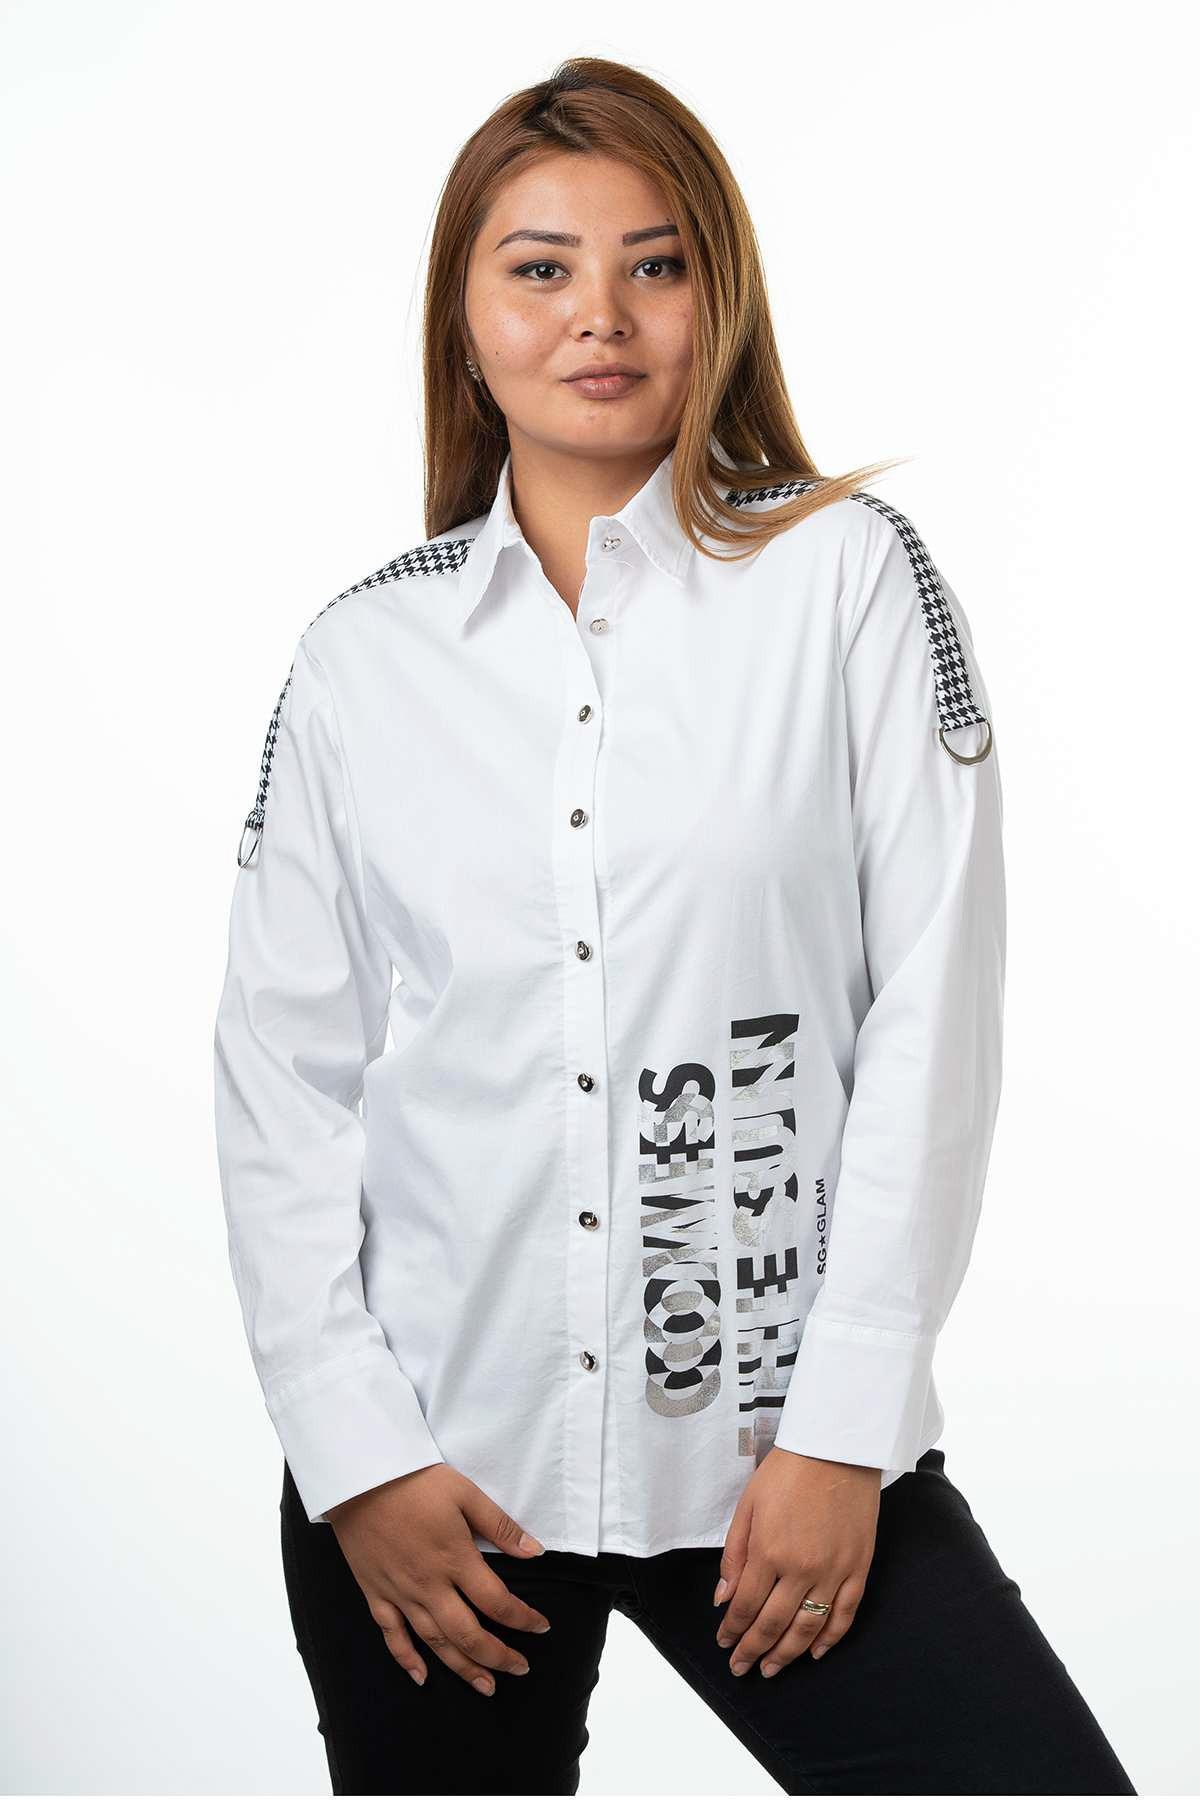 Sogo размера плюс женская блузка, рубашка, Женские топы и блузки, блузка женская, блузки, блузки, ка ЗКА женская, кофта